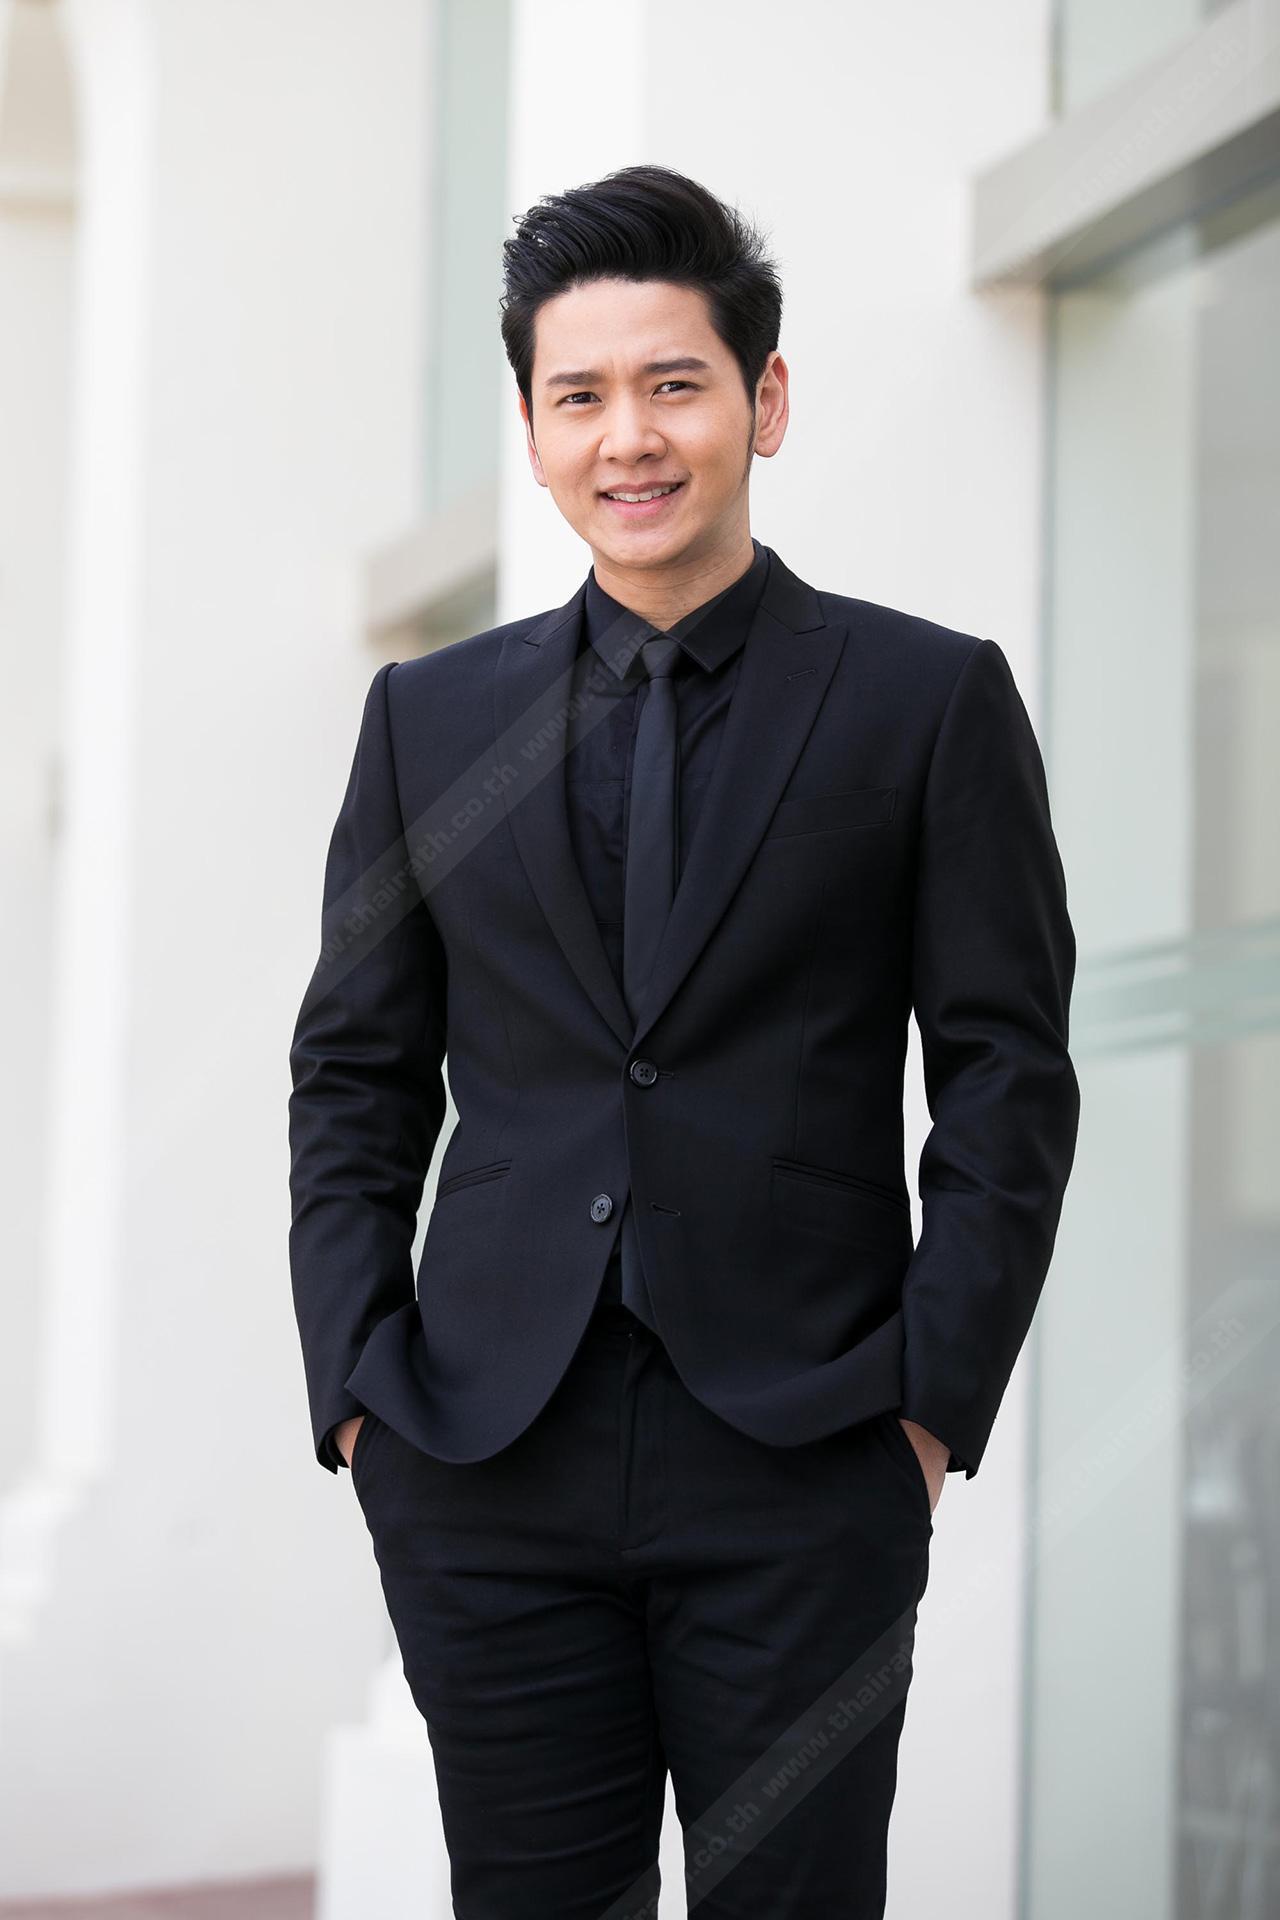 โต๋ มีความสุขที่ได้มาร่วมถ่ายทอดเพลงพระราชนิพนธ์ในดวงใจนิรันดร์ ที่จะออกอกาศทาง ช่องไทยรัฐทีวี 32 HD